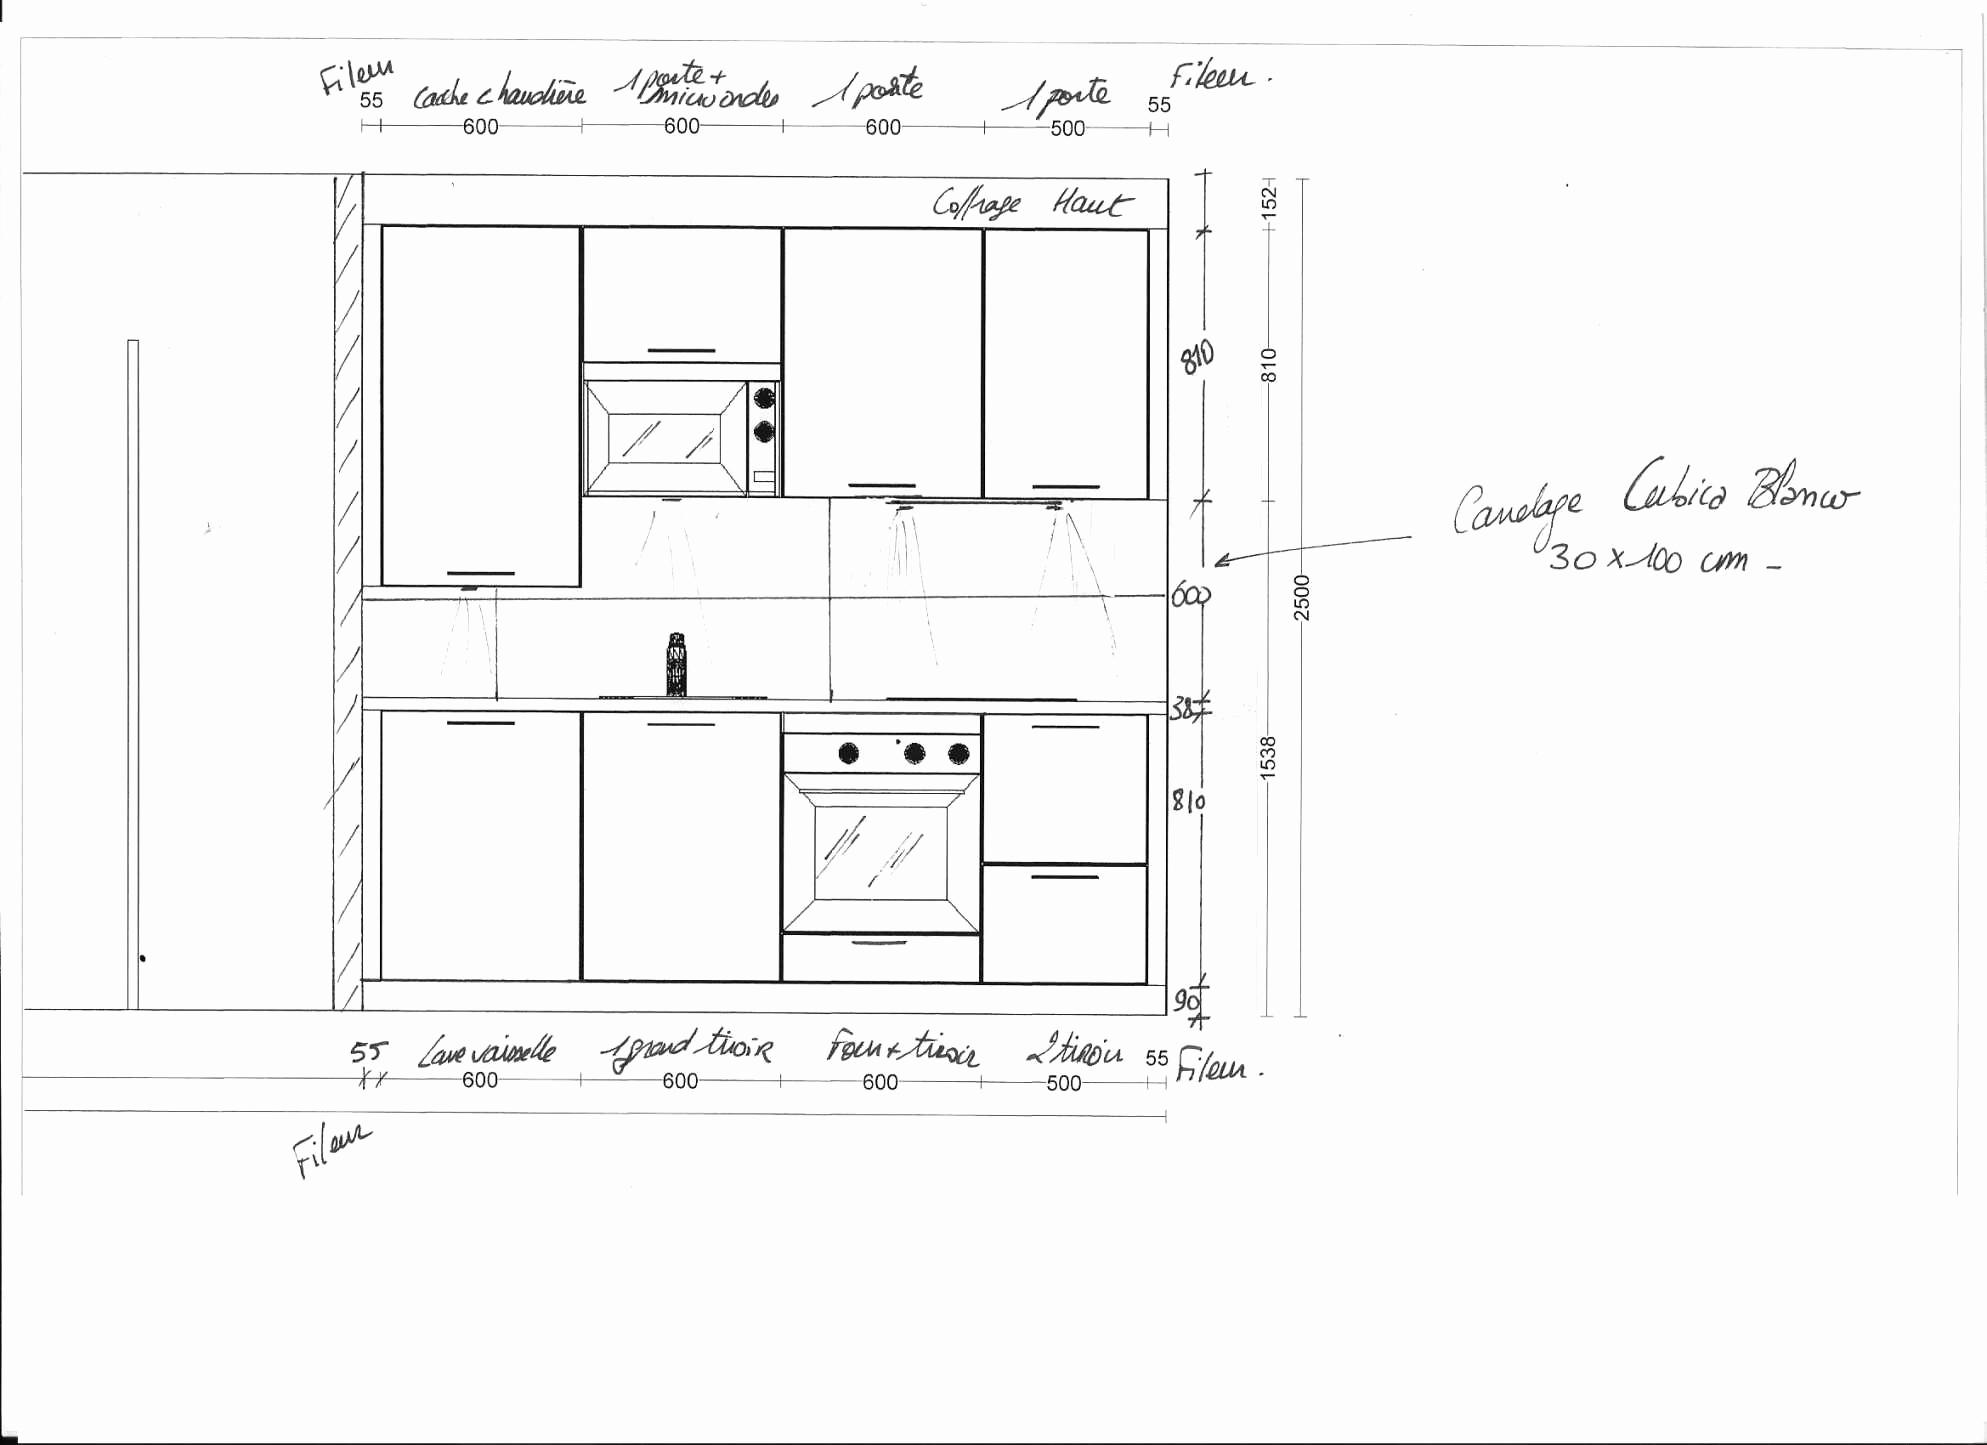 hauteur standard plan de travail cuisine ikea lille maison. Black Bedroom Furniture Sets. Home Design Ideas